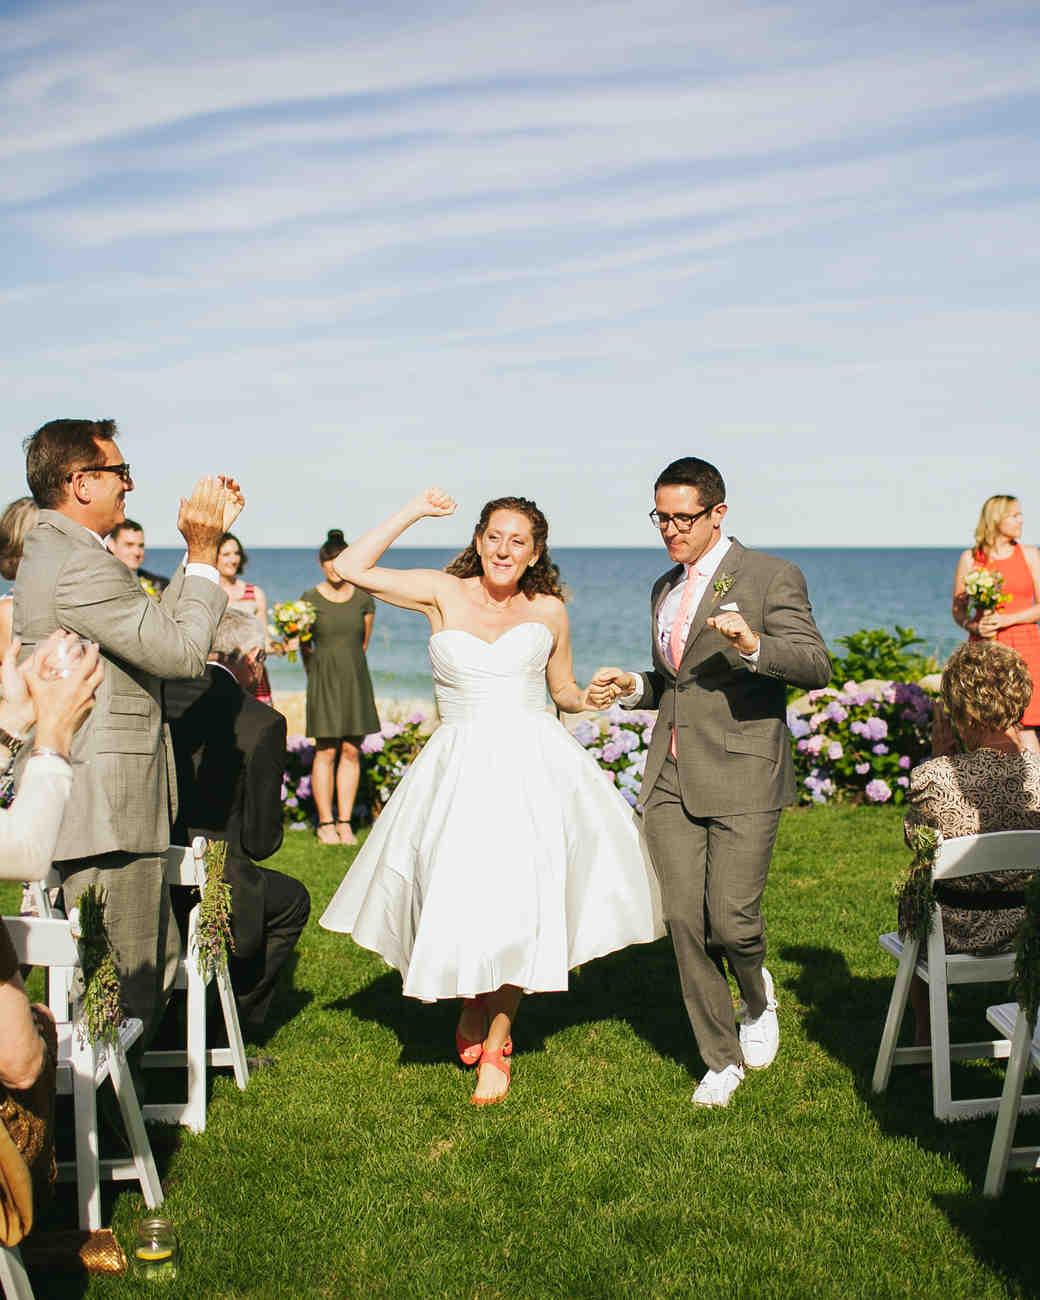 gabriela-tyson-wedding-recessional-0488-s111708-1214.jpg